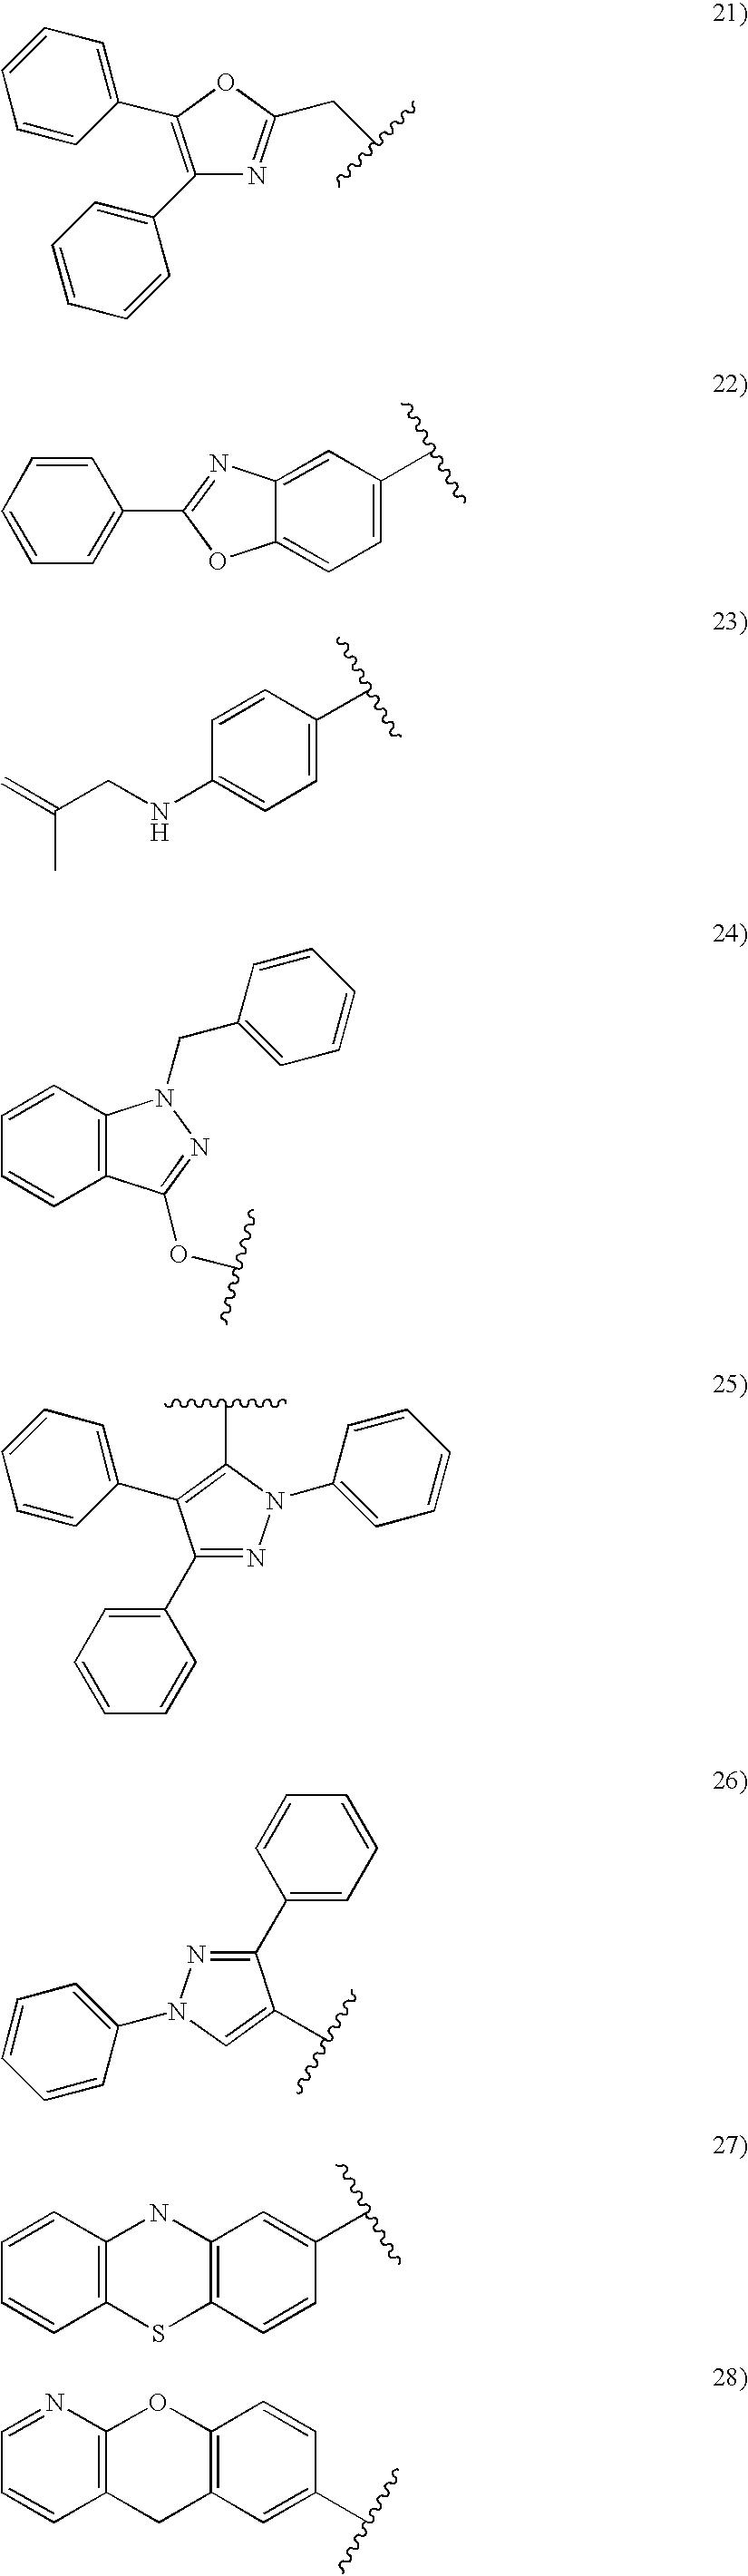 Figure US20050054714A1-20050310-C00024